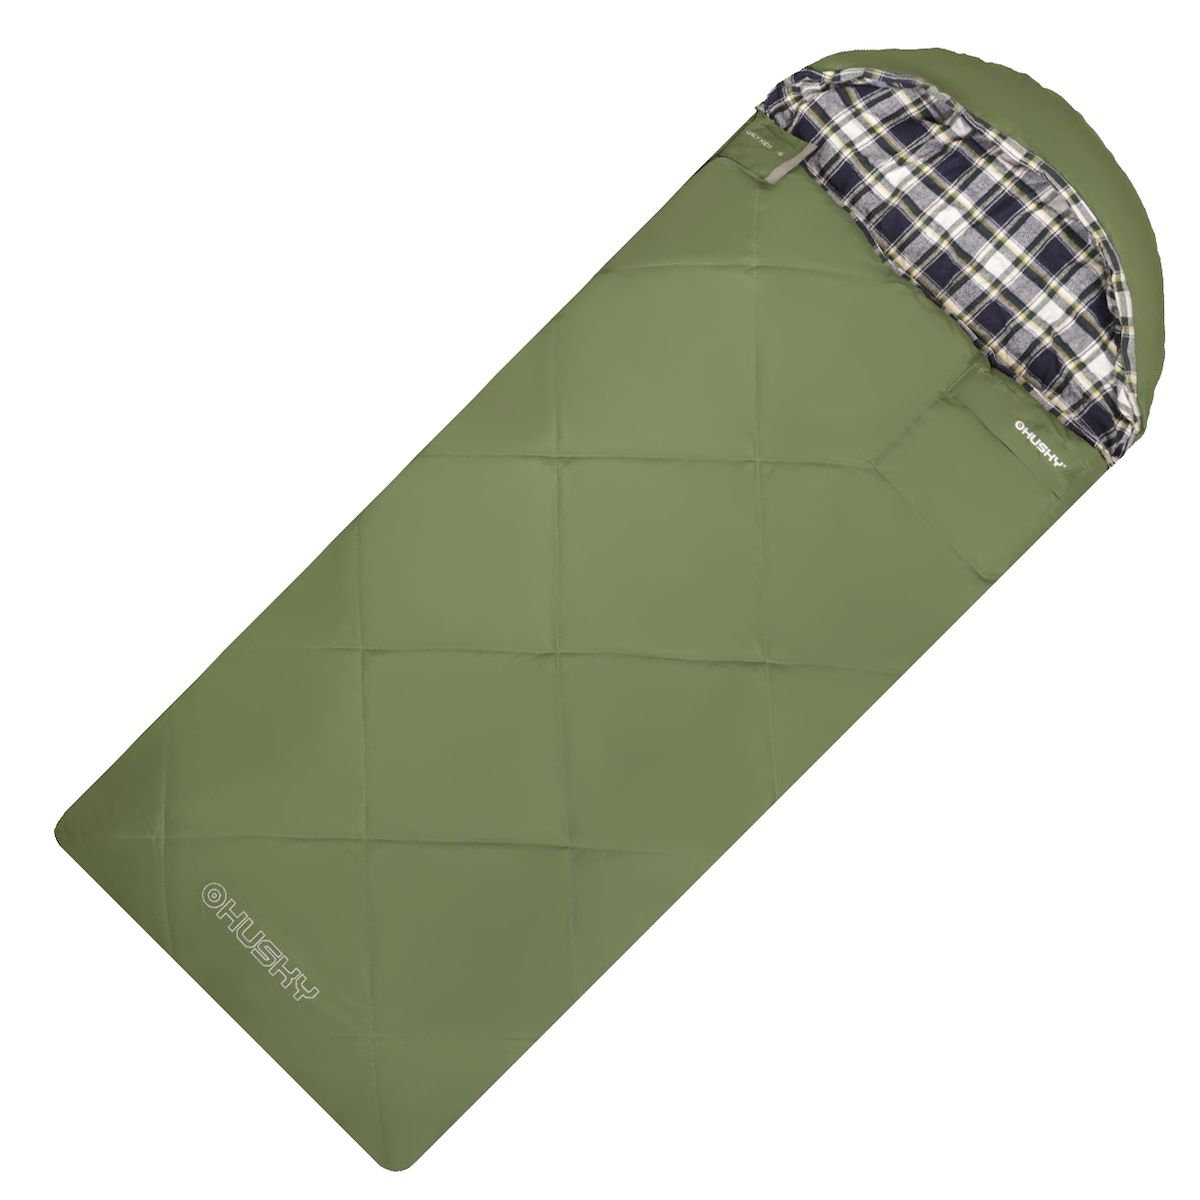 Спальник-одеяло Husky GALY KIDS -5С, левая молния, цвет: зеленыйУТ-000069841Двухслойный детский спальный мешок-одеяло GALY KIDS для кемпинга. Утеплитель из 4-х канального холофайбера, превосходная комбинация теплового комфорта с комфортом традиционного спального мешка-одеяла. Galy можно использовать не только на природе, но и в помещении как традиционное одеяло. Размер: 70 х 170 см.Размер в сложенном виде: 44 х 35 х 14 см.Вес: 1800 г.Экстремальная температура: -5C;Комфортная температура: -0С ... +5С;- Внешний материал: Pongee 75D 210T (лен);- Внутренний материал: флис (полиэстер);- Утеплитель: 2 слоя 150 г/м2 HollowFibre;- Конструкция: два слоя;- Компрессионный мешок;- Петли для сушки.